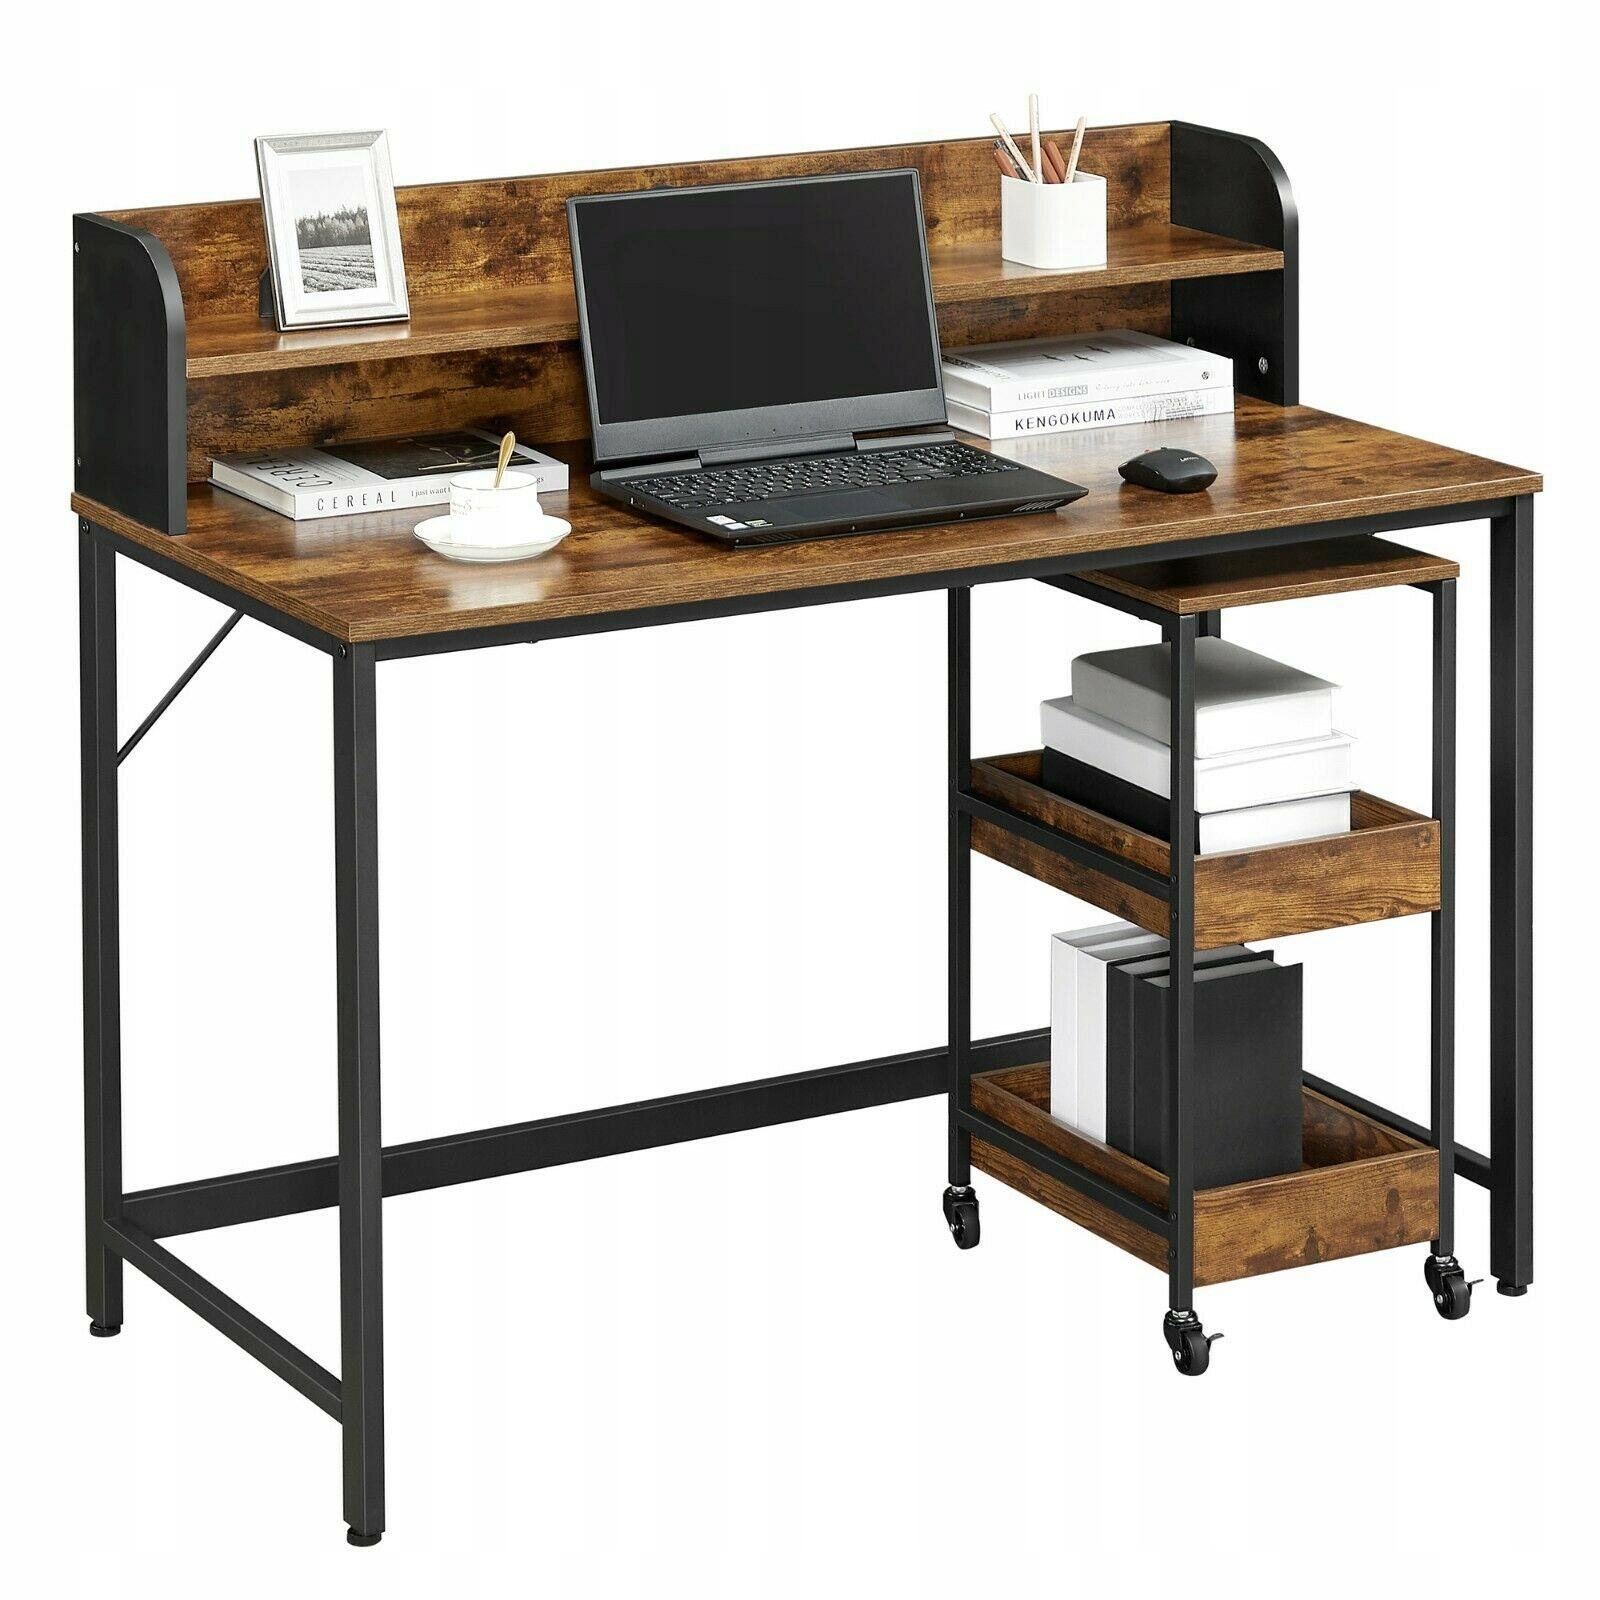 Biurko komputerowe z regałem i półkami rustykalne